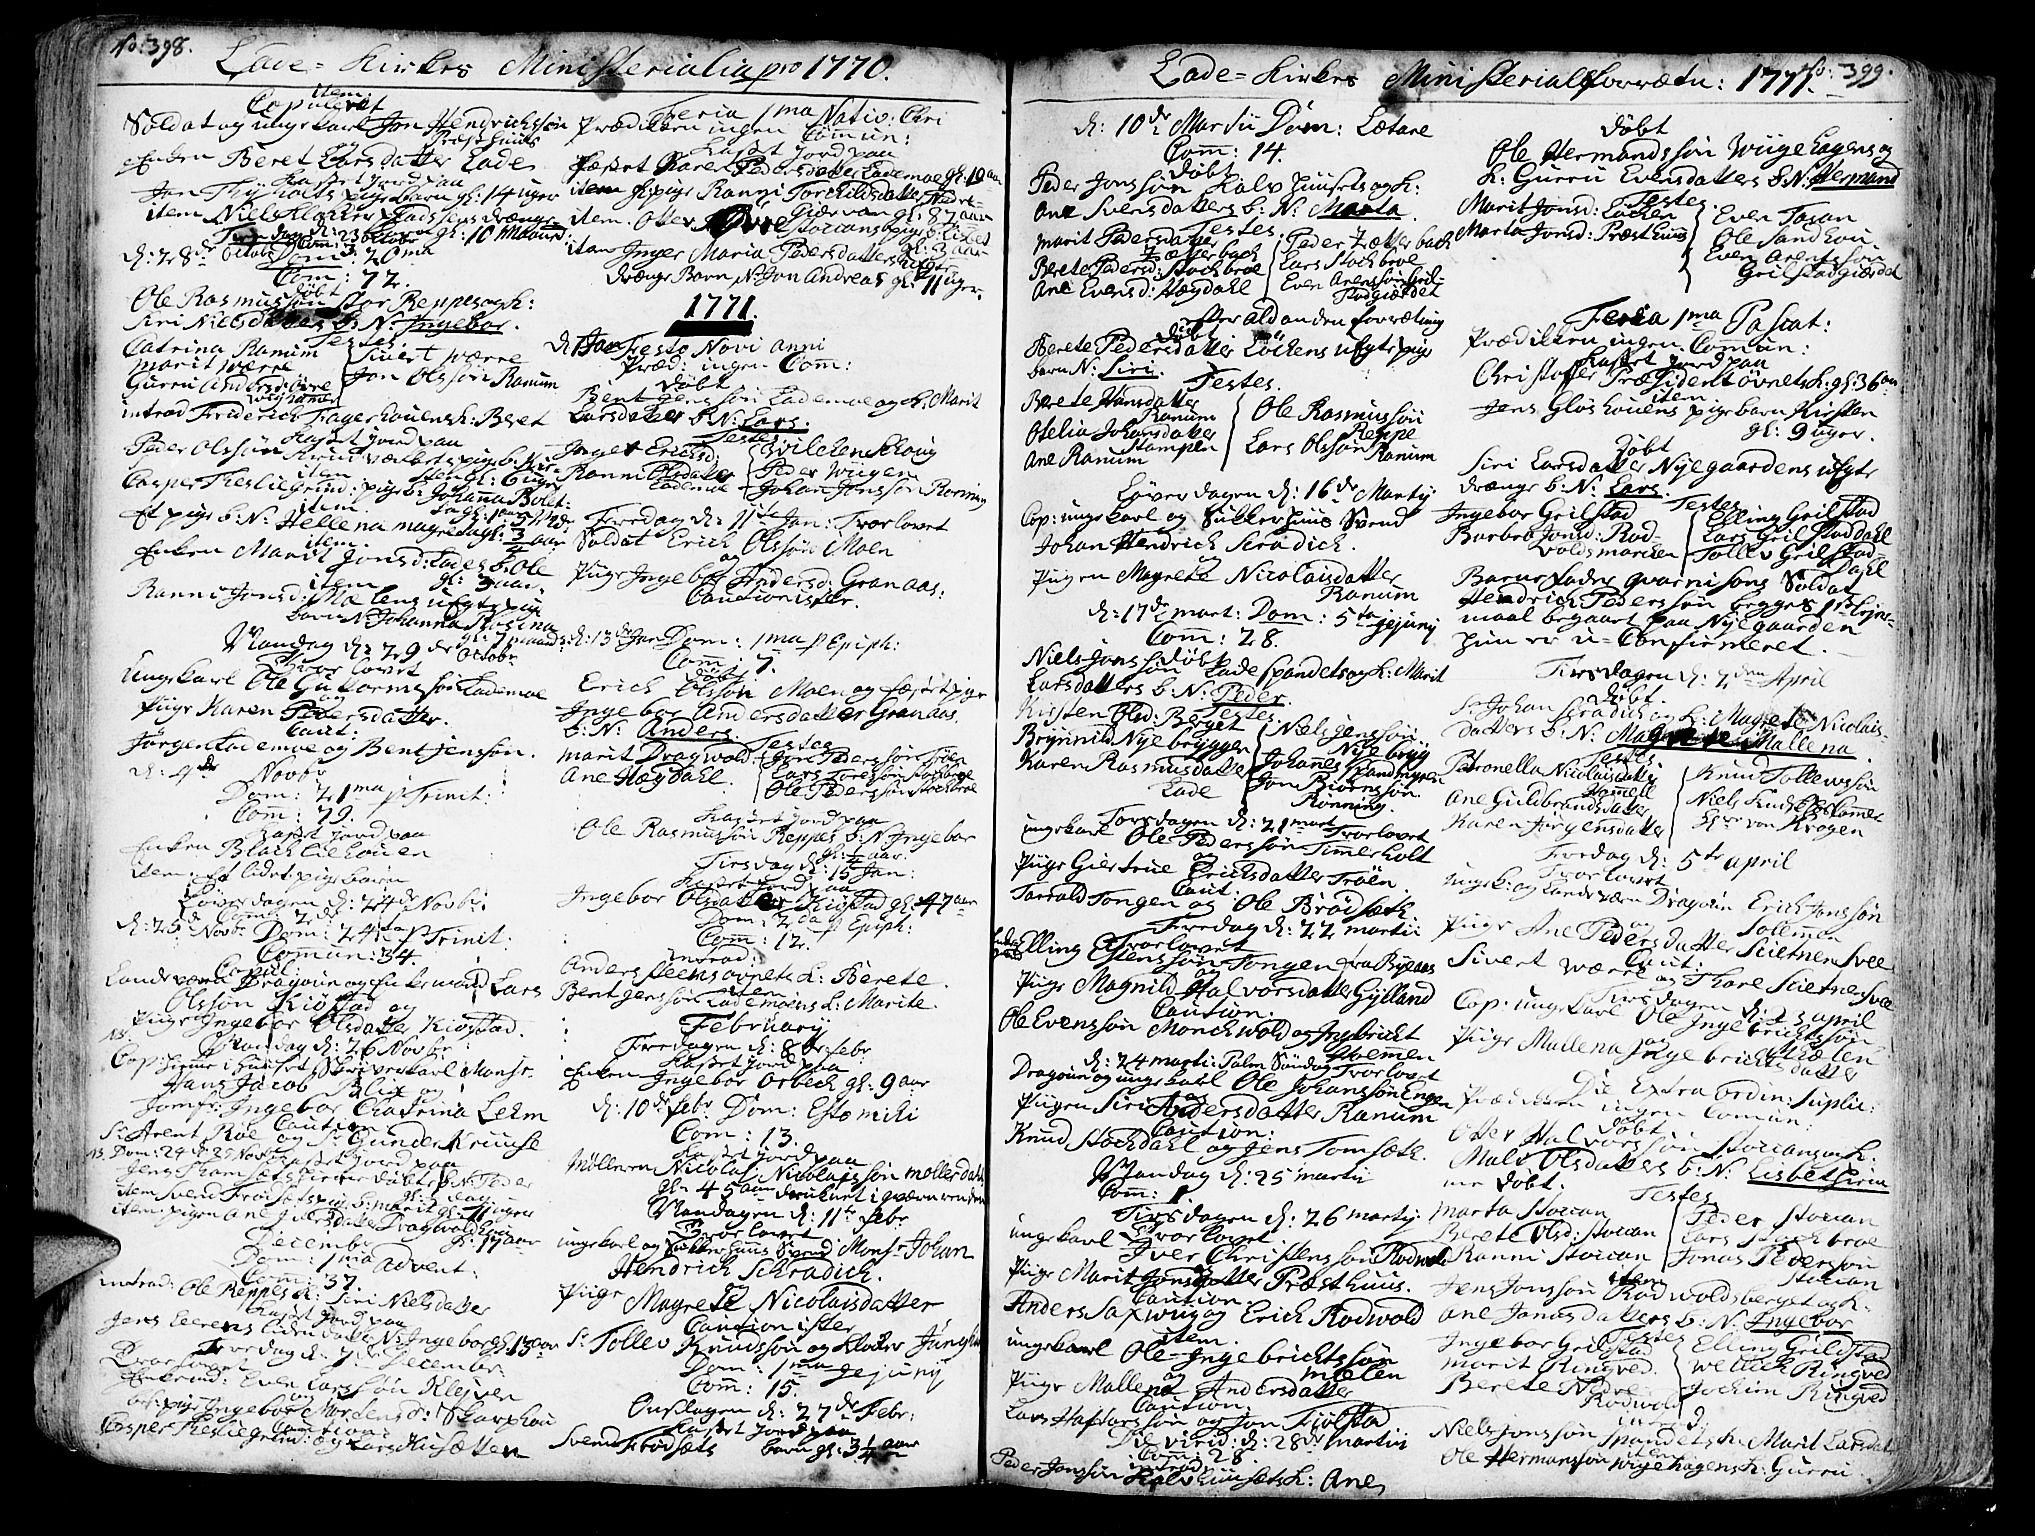 SAT, Ministerialprotokoller, klokkerbøker og fødselsregistre - Sør-Trøndelag, 606/L0275: Ministerialbok nr. 606A01 /1, 1727-1780, s. 398-399